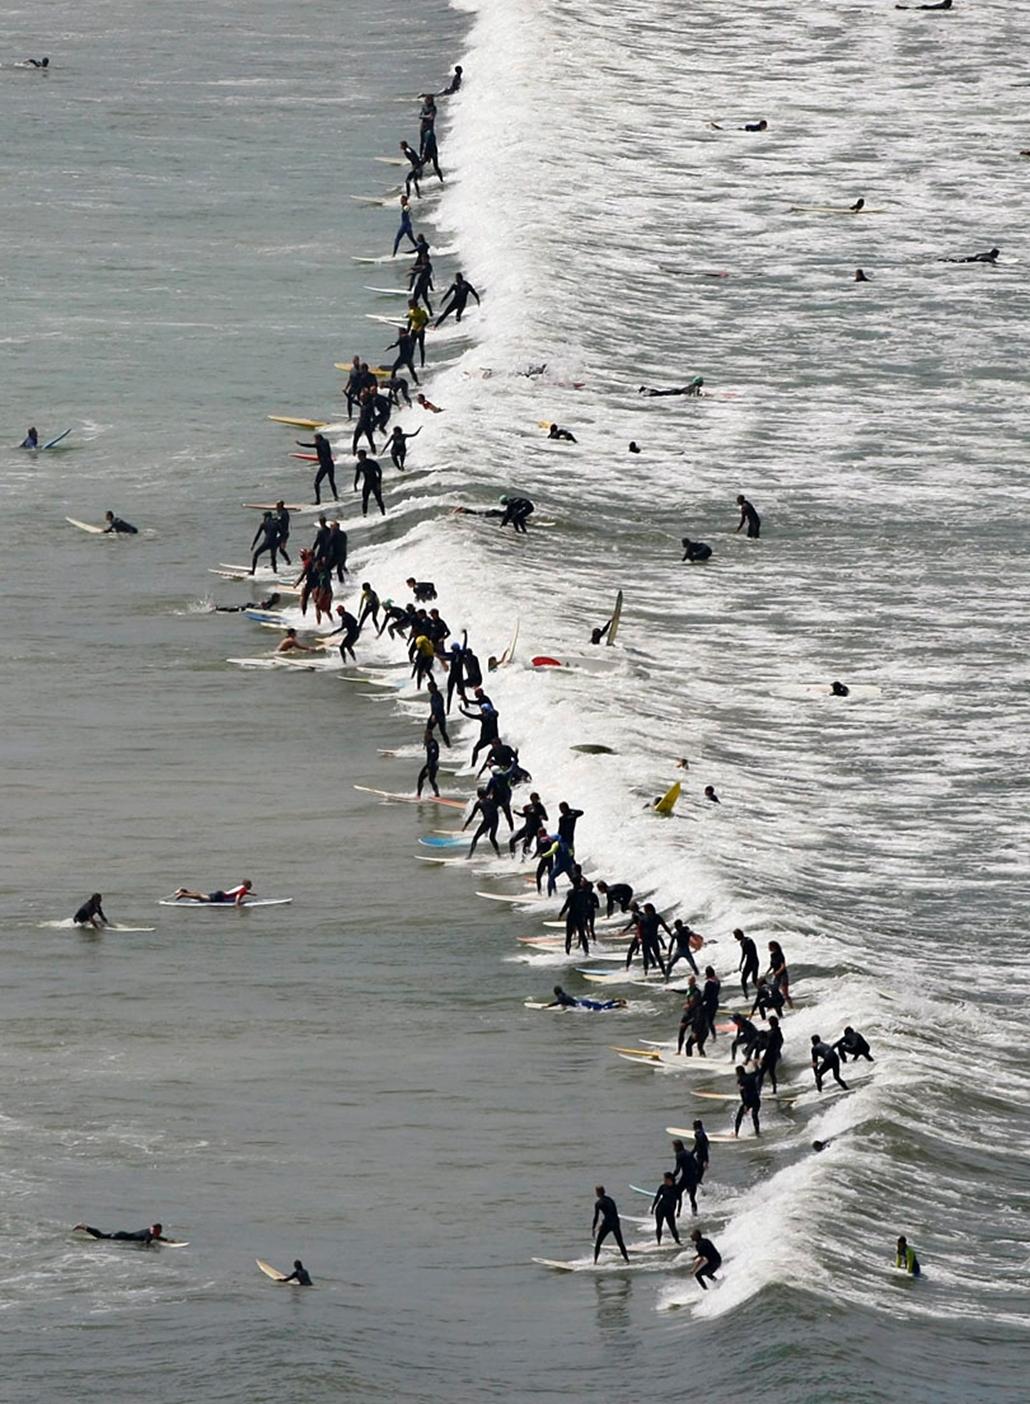 Az egyetlen hullámon egyszerre egyensúlyozó legtöbb hullámlovas világcsúcsát állítják fel a dél-afrikai Fokváros partjai előtt. A több mint 105 szörfös produkciója bekerül a Guinness Világrekordok Könyvébe.